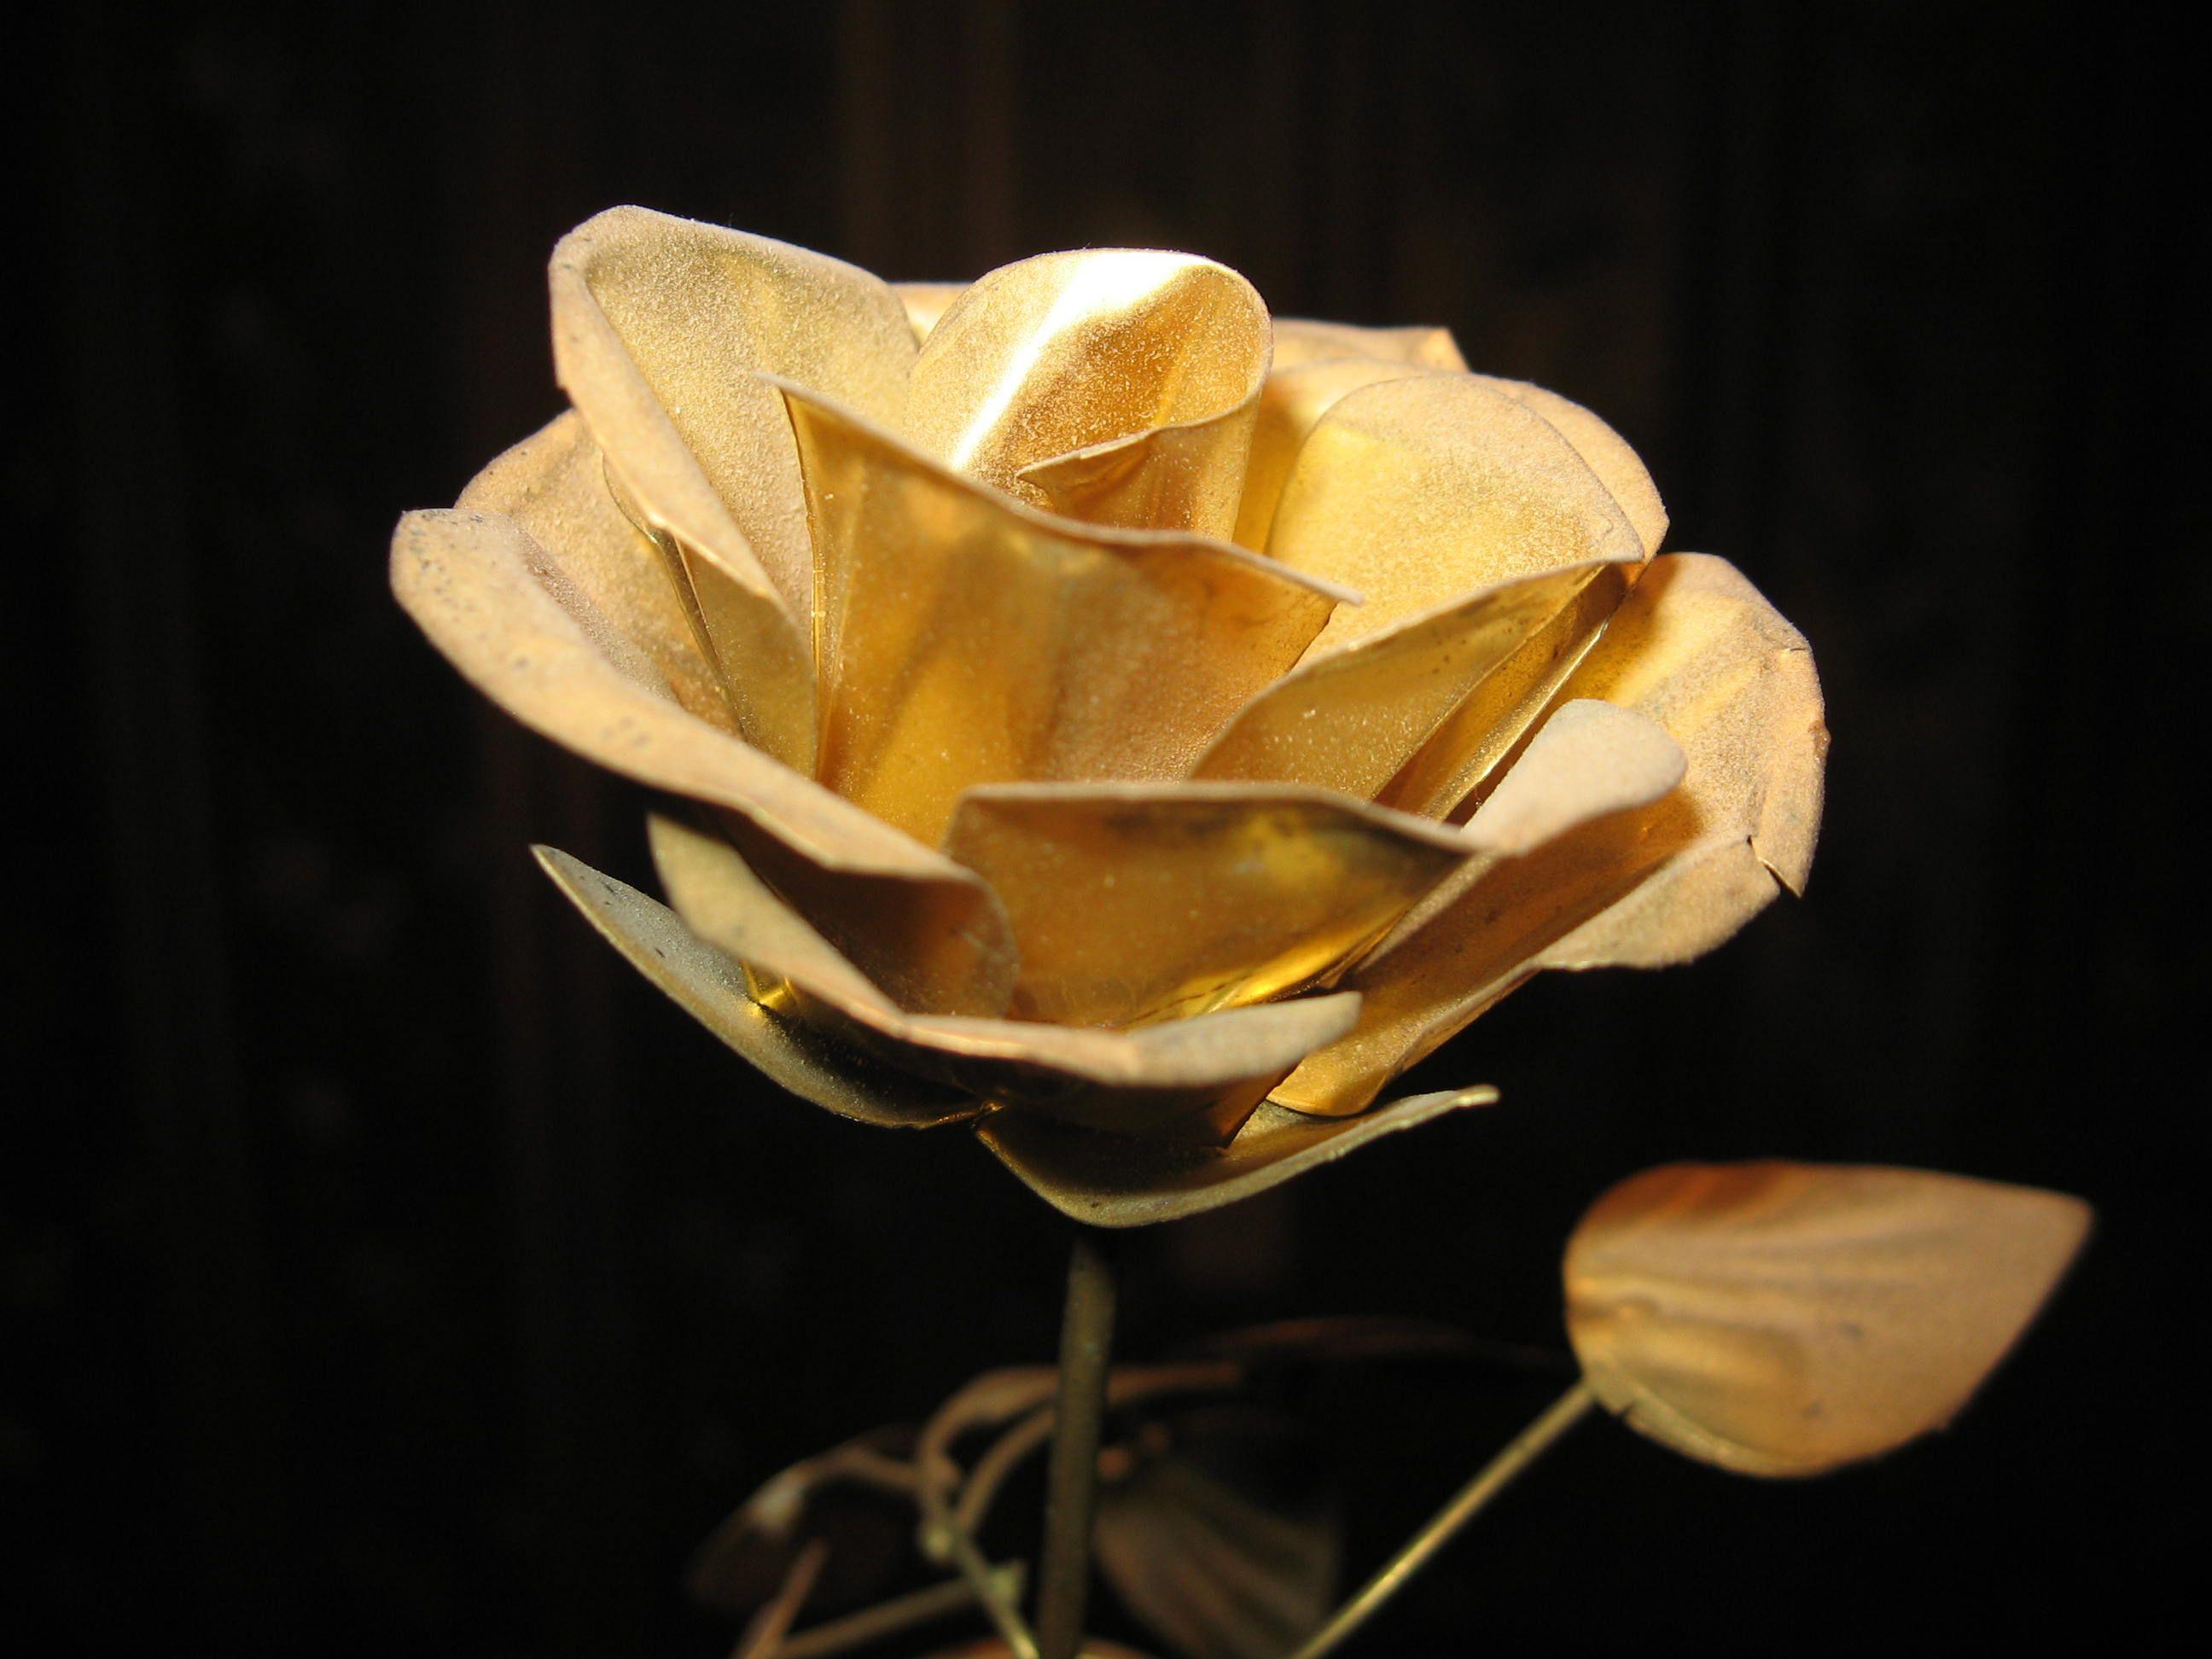 Google Image Result For Http Www Rosewallpaper Org Wallpapers Image Gold Rose Wallpaper Picture Jpg Rose Wallpaper Rose What Is Rose